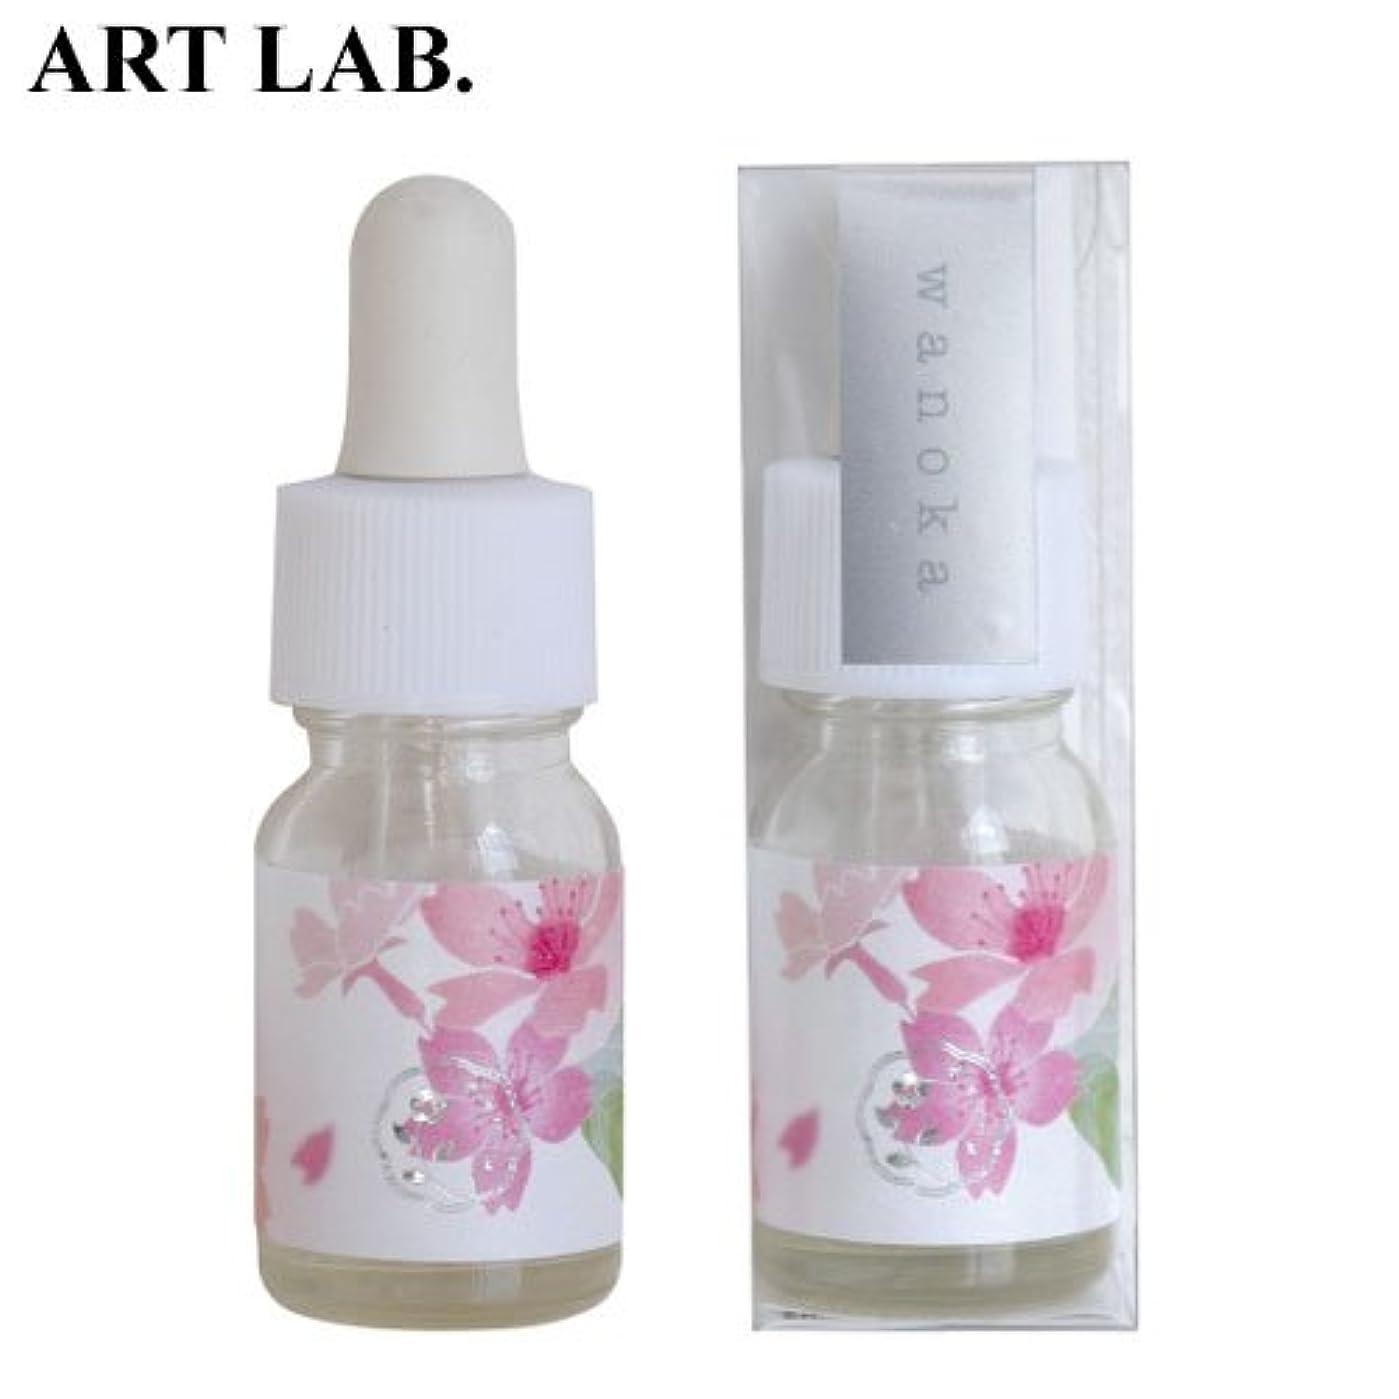 通常しみ相互wanoka香油アロマオイル桜《桜をイメージした甘い香り》ART LABAromatic oil